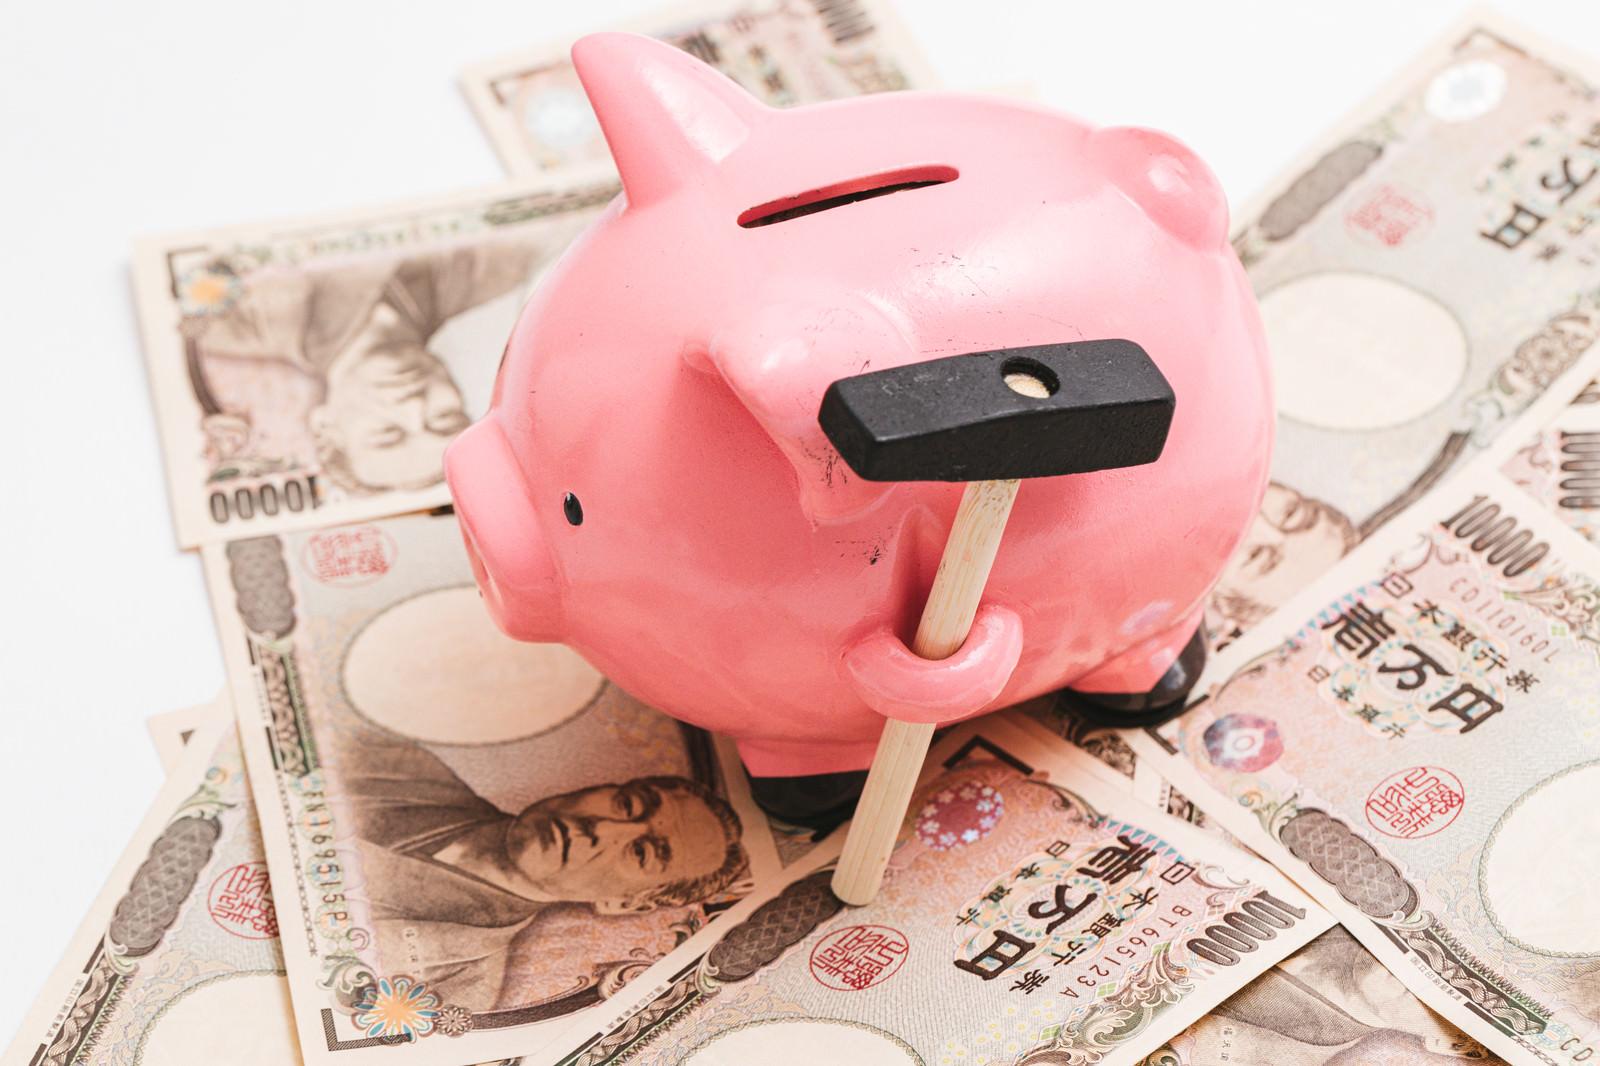 左官の平均年収は387万円【給料はスキルと比例】